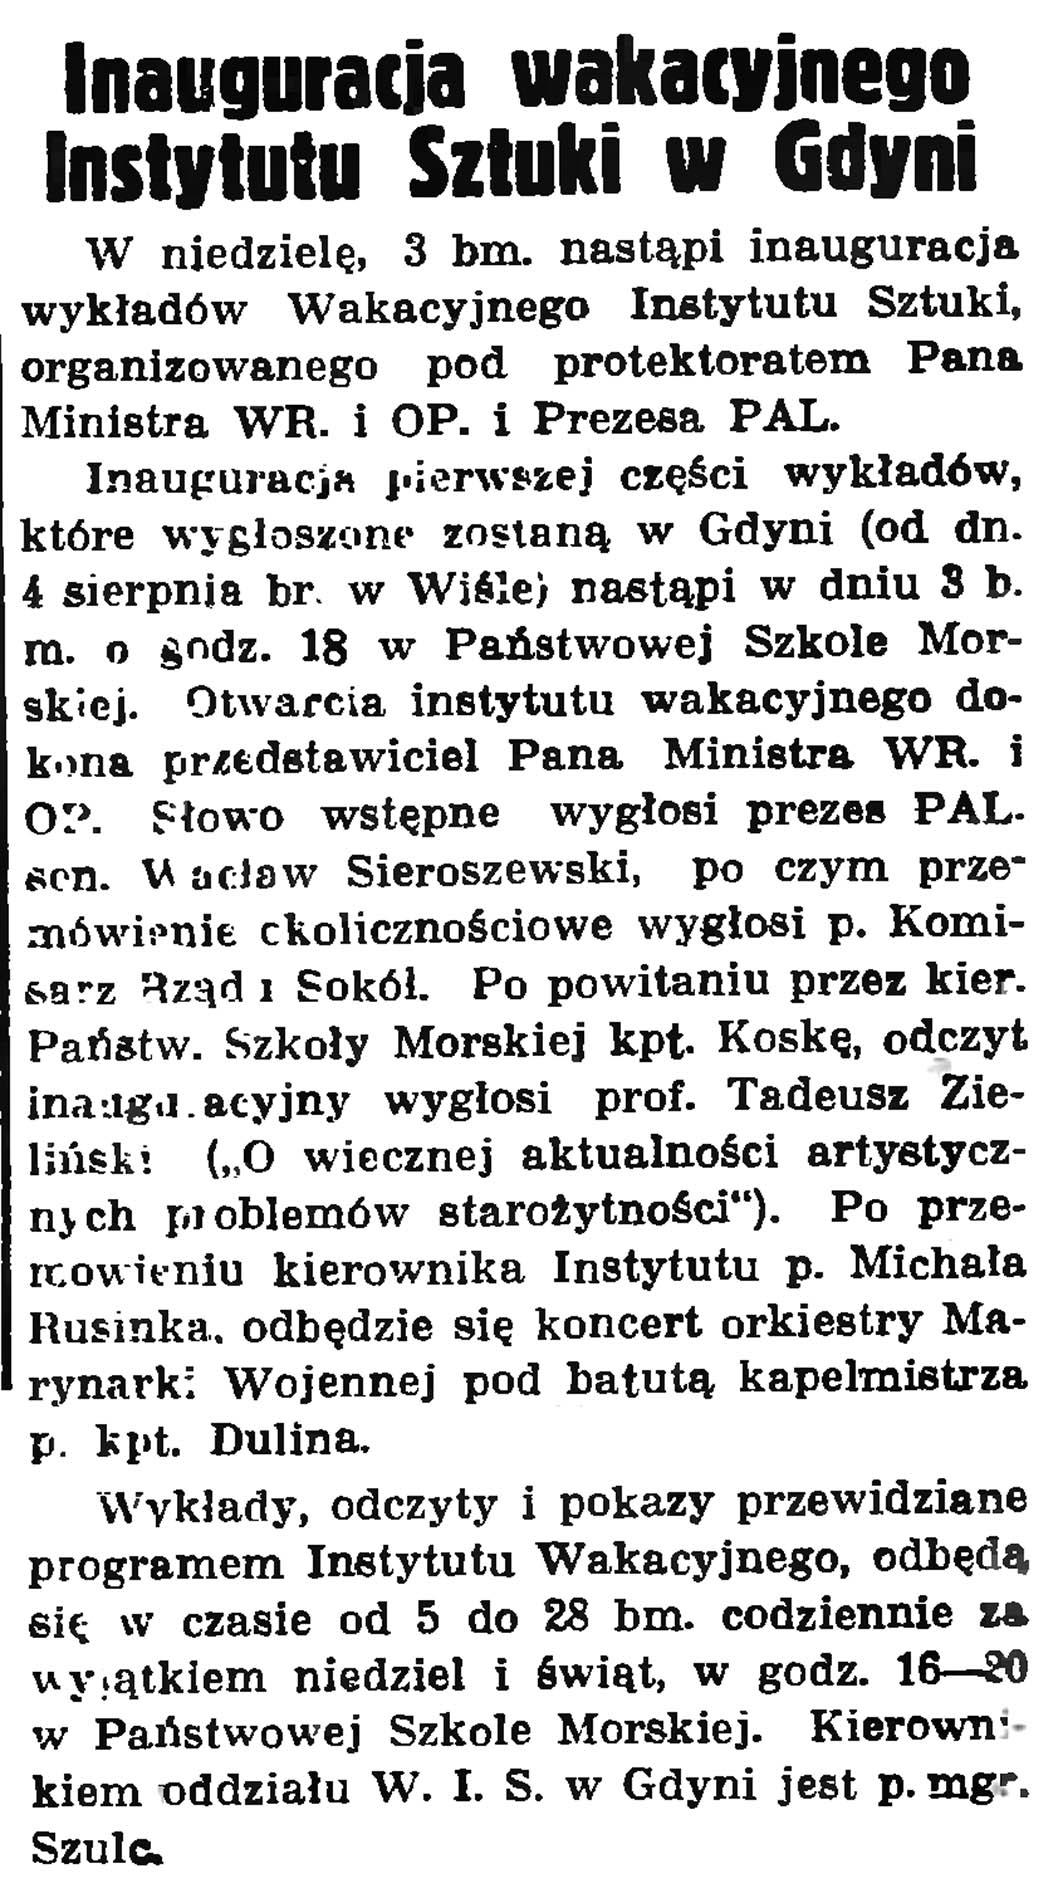 Inauguracja wakacyjnego Instytutu Sztuki w Gdyni // Gazeta Gdyńska. - 1937, nr 149, s. 9